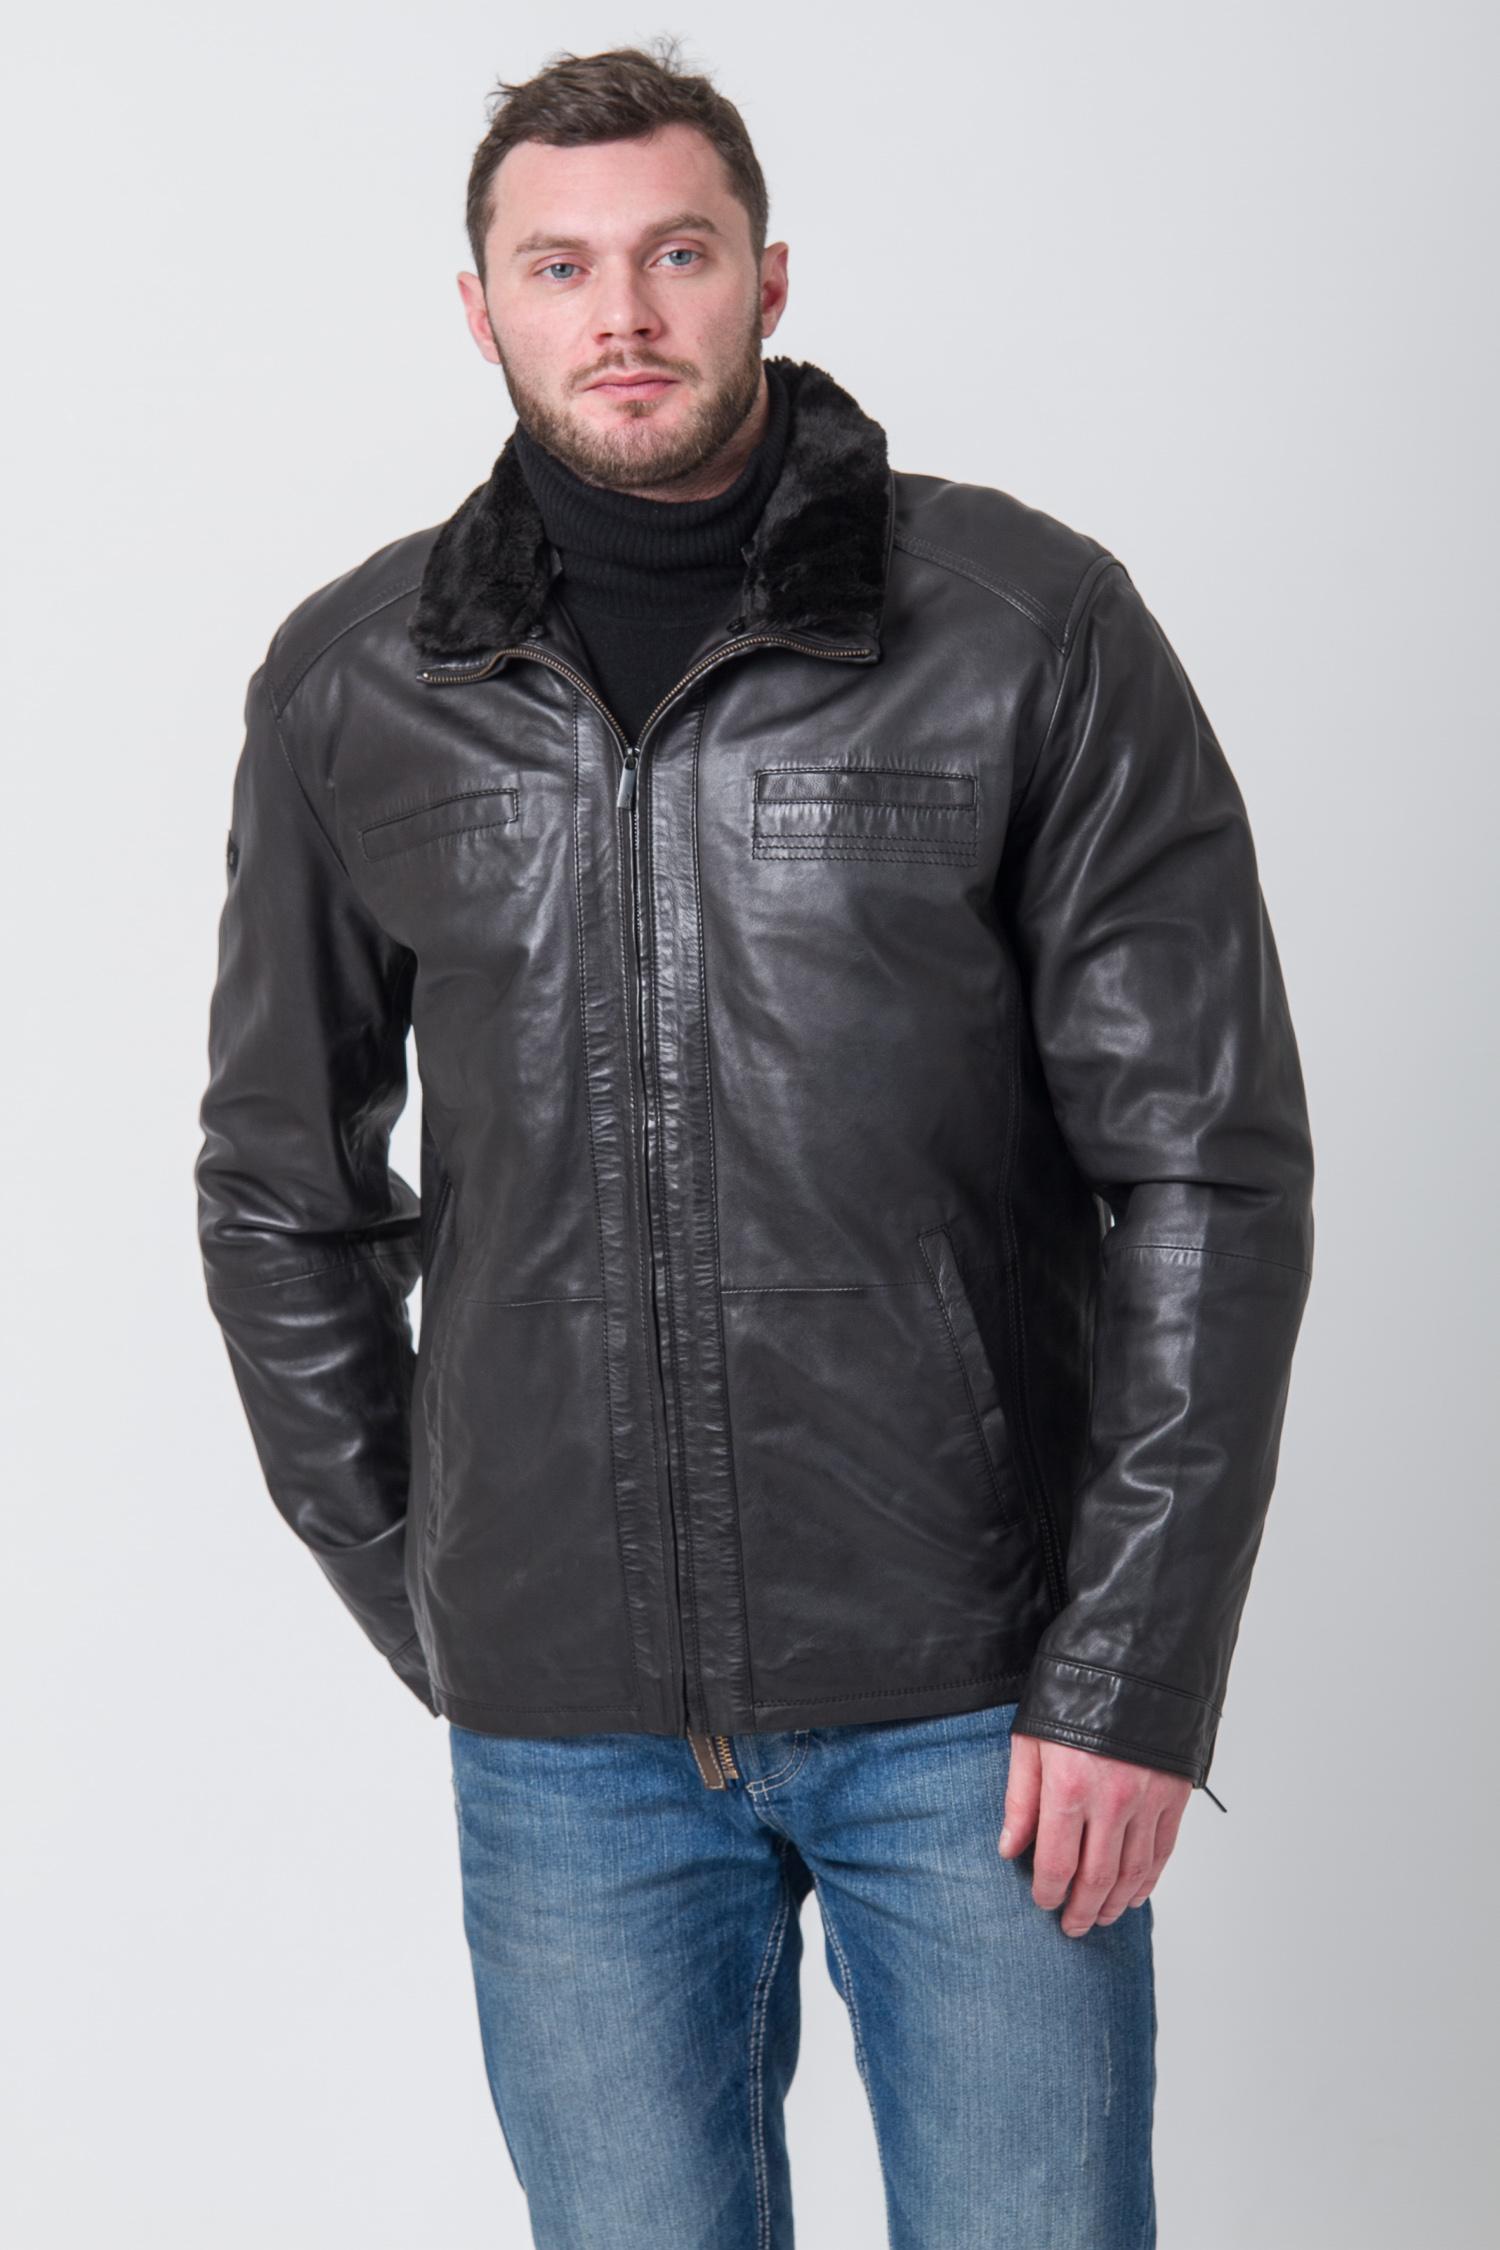 Мужская кожаная куртка с воротником, отделка искусственнный мех. Производитель: Московская Меховая Компания, артикул: 8370